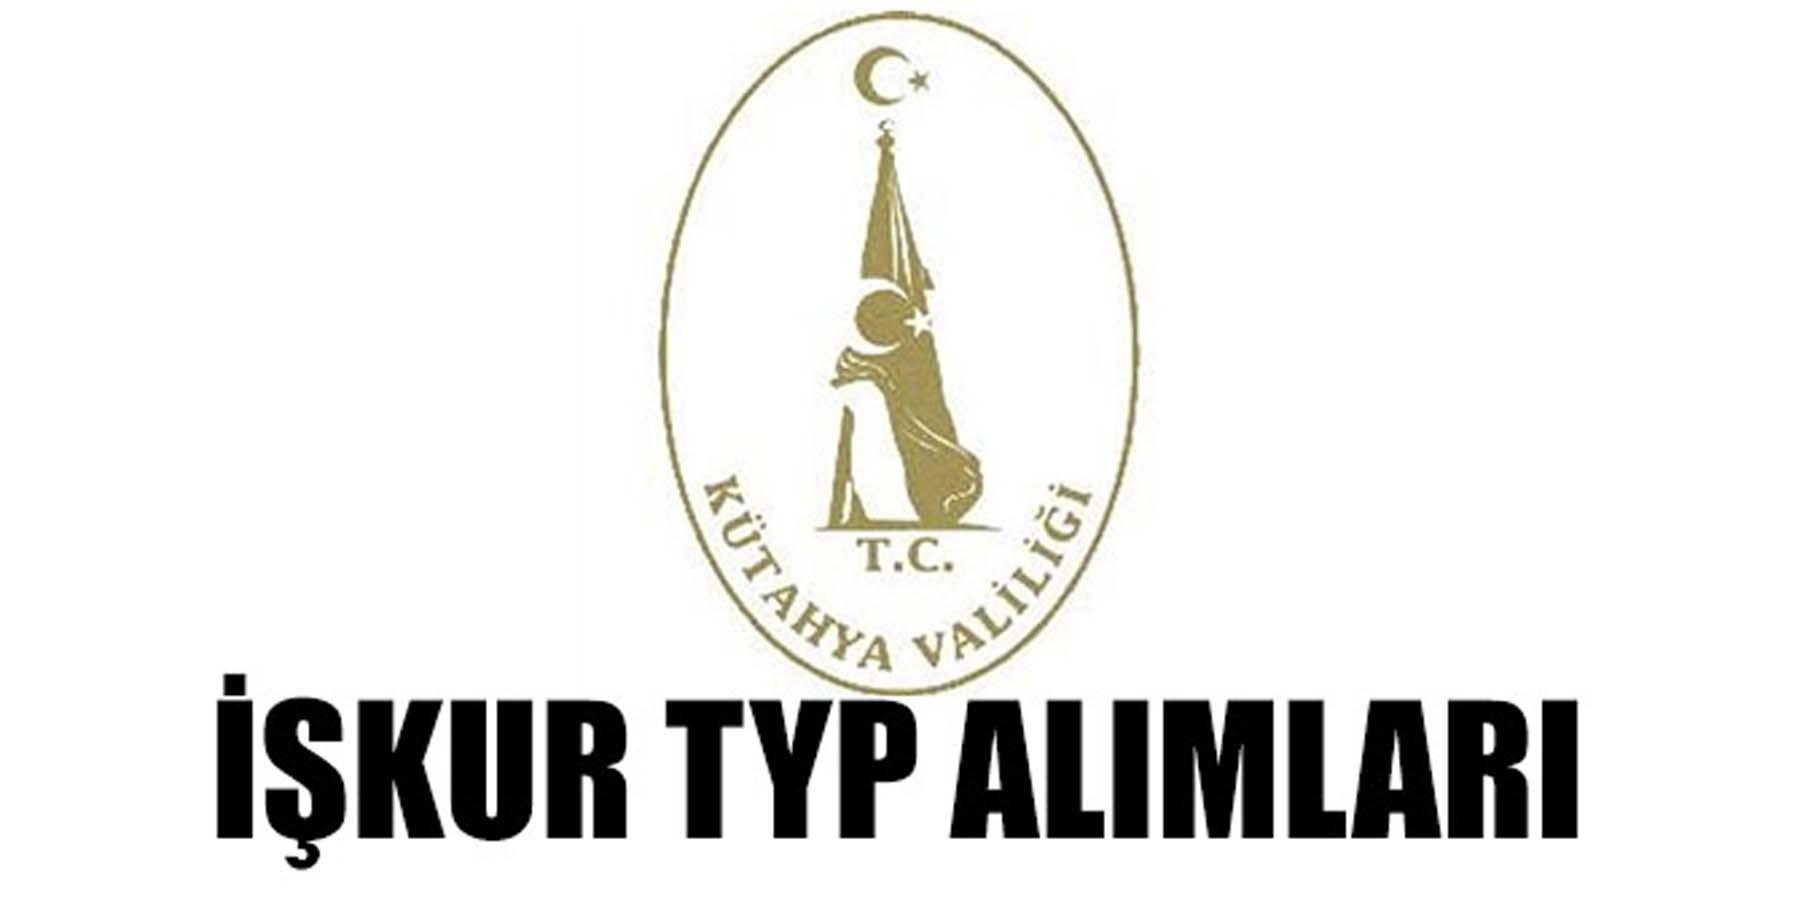 Kütahya 490 TYP İŞKUR Kamu Personeli Alımı